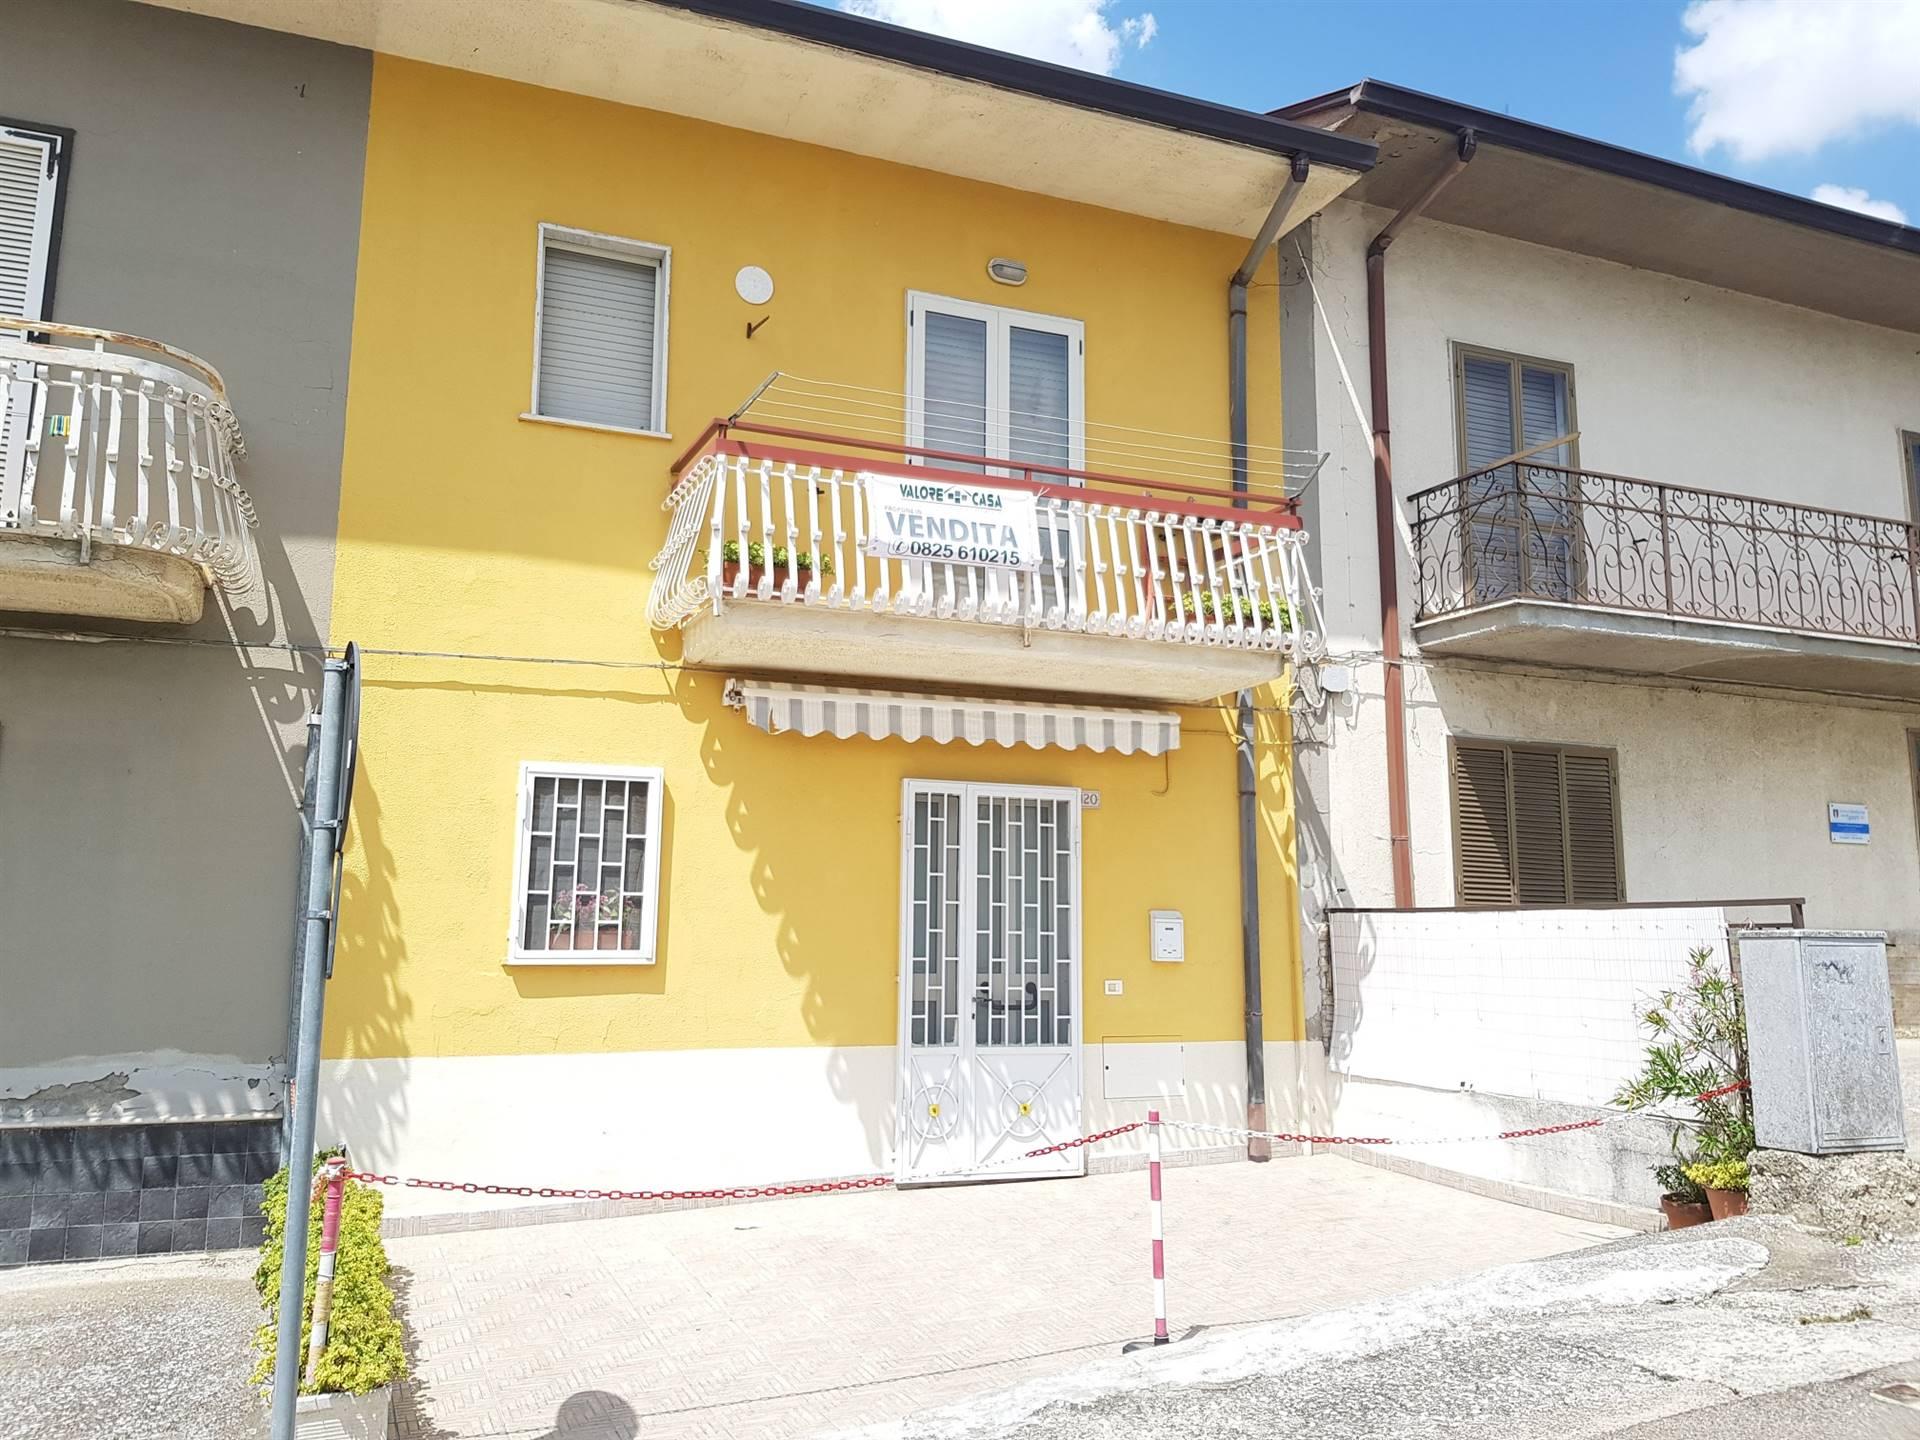 Appartamento in vendita a Montefusco, 3 locali, zona Zona: Serra, prezzo € 39.000 | CambioCasa.it